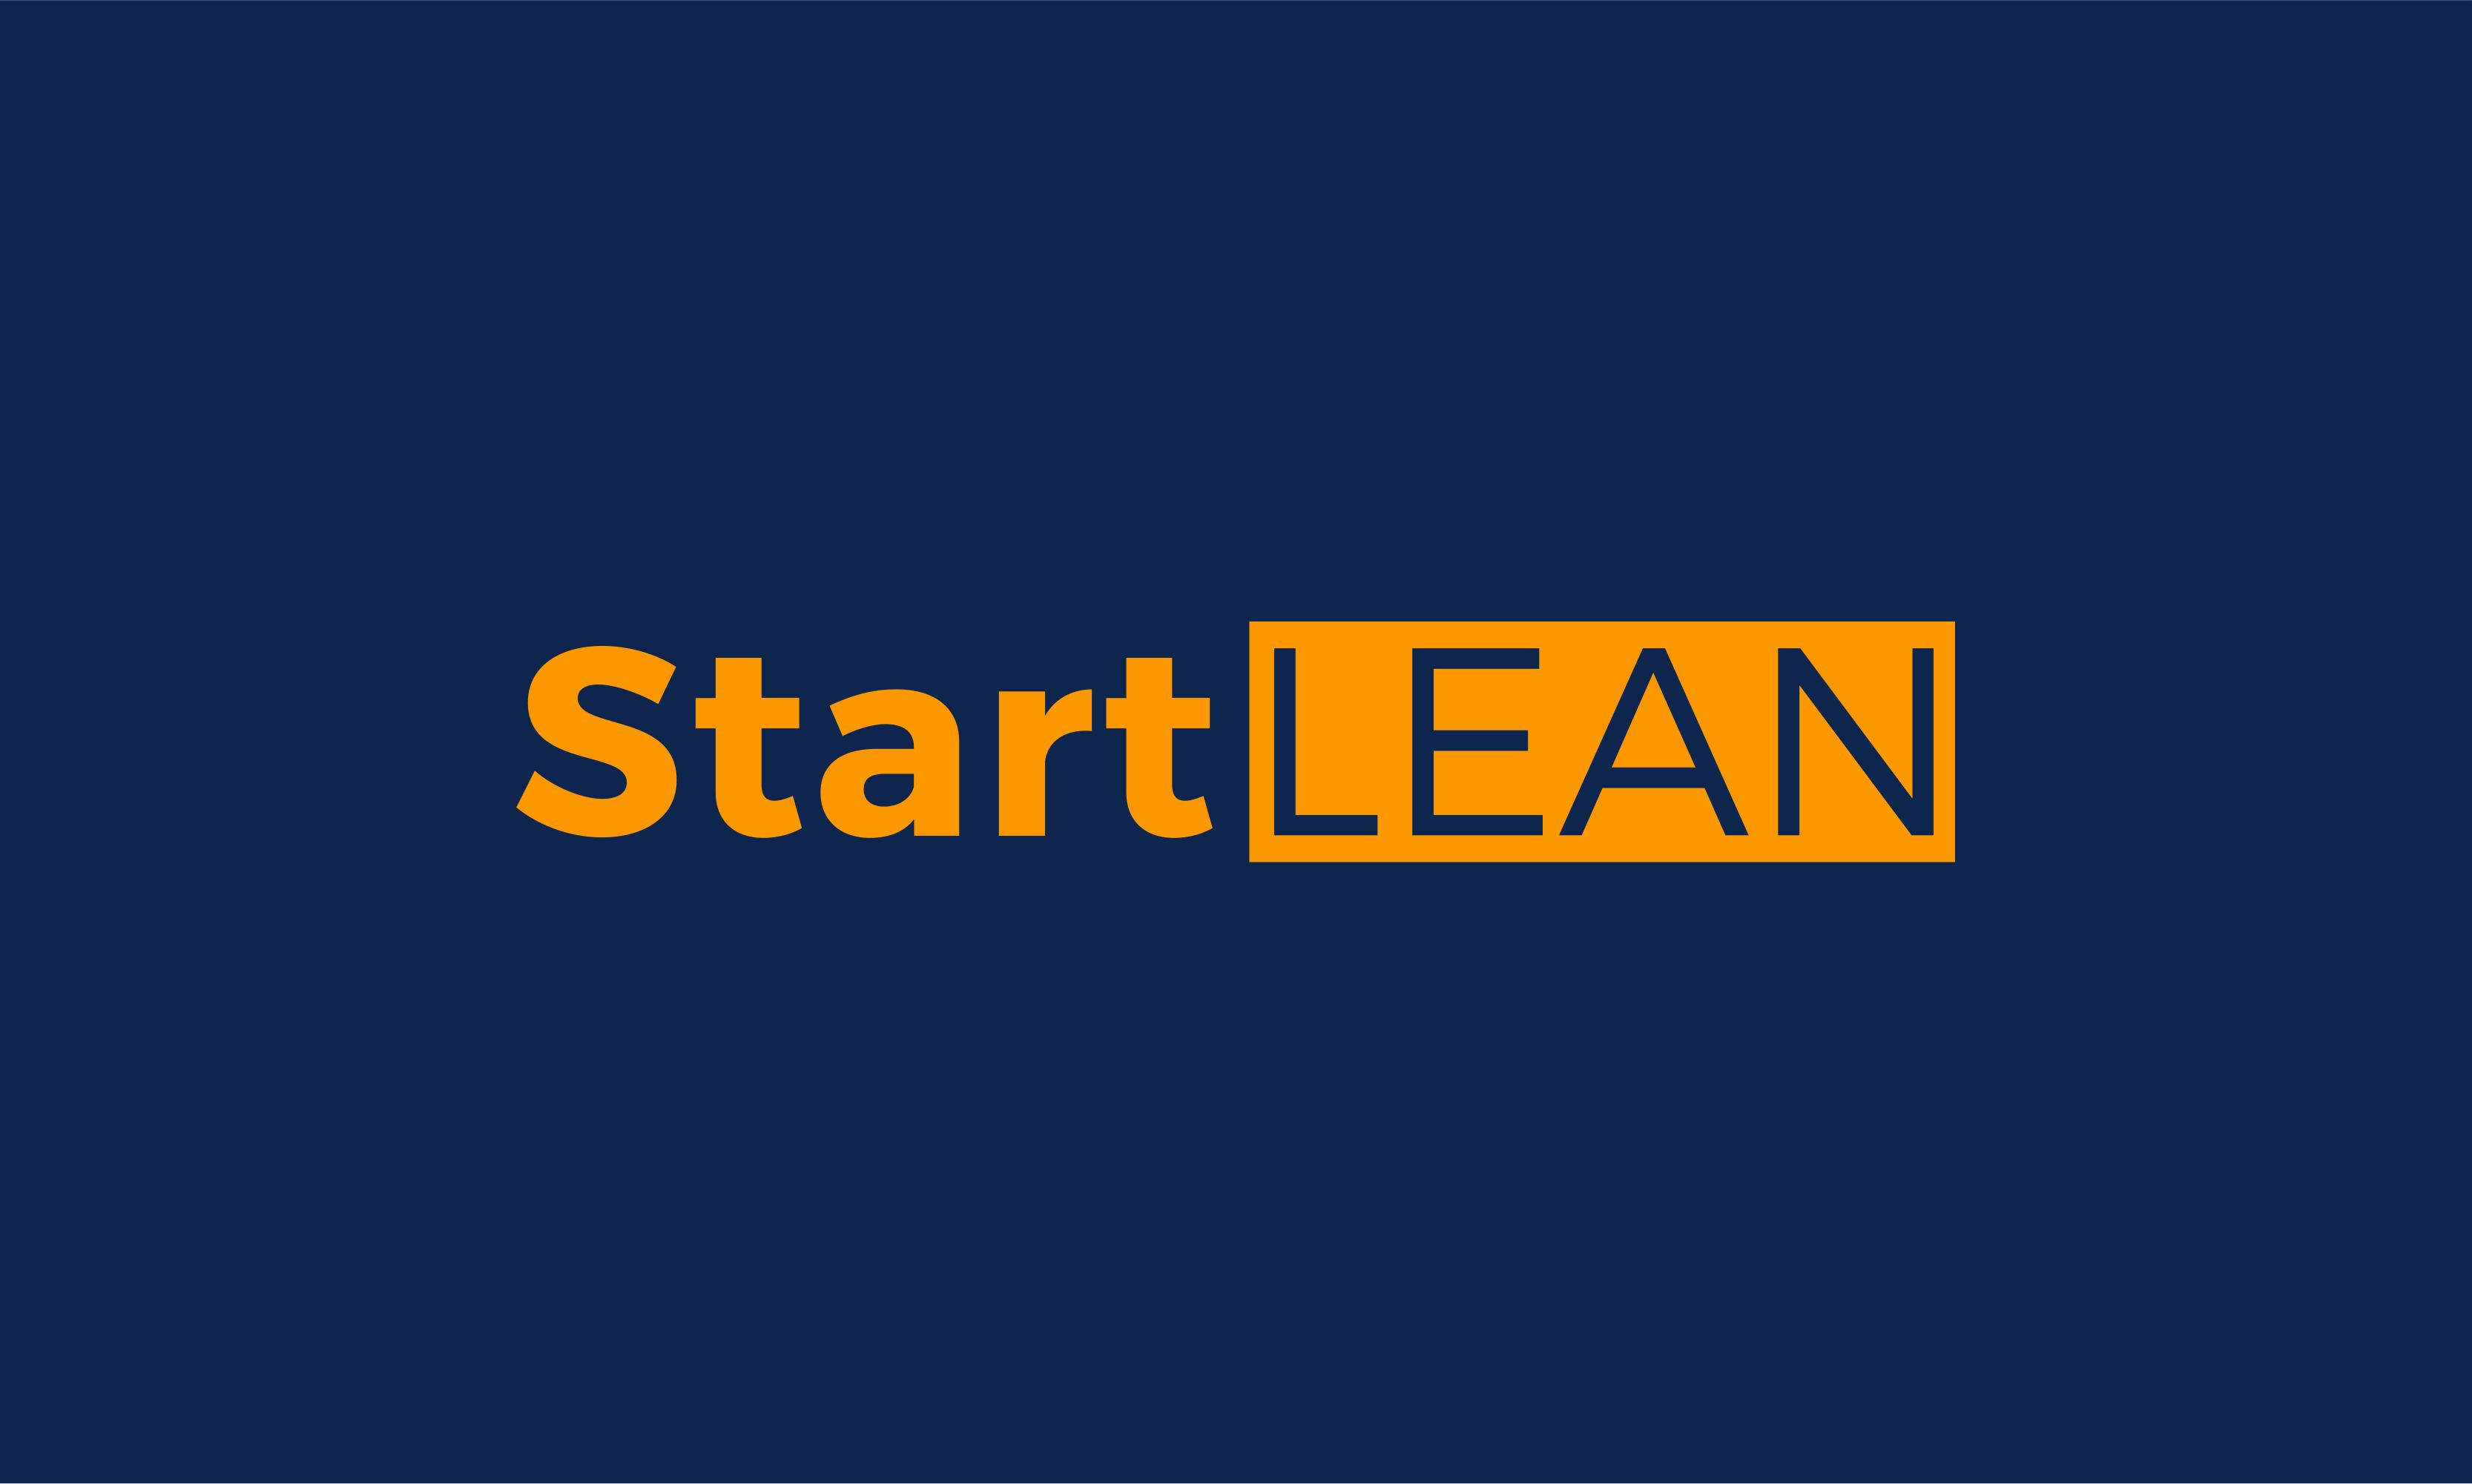 Startlean